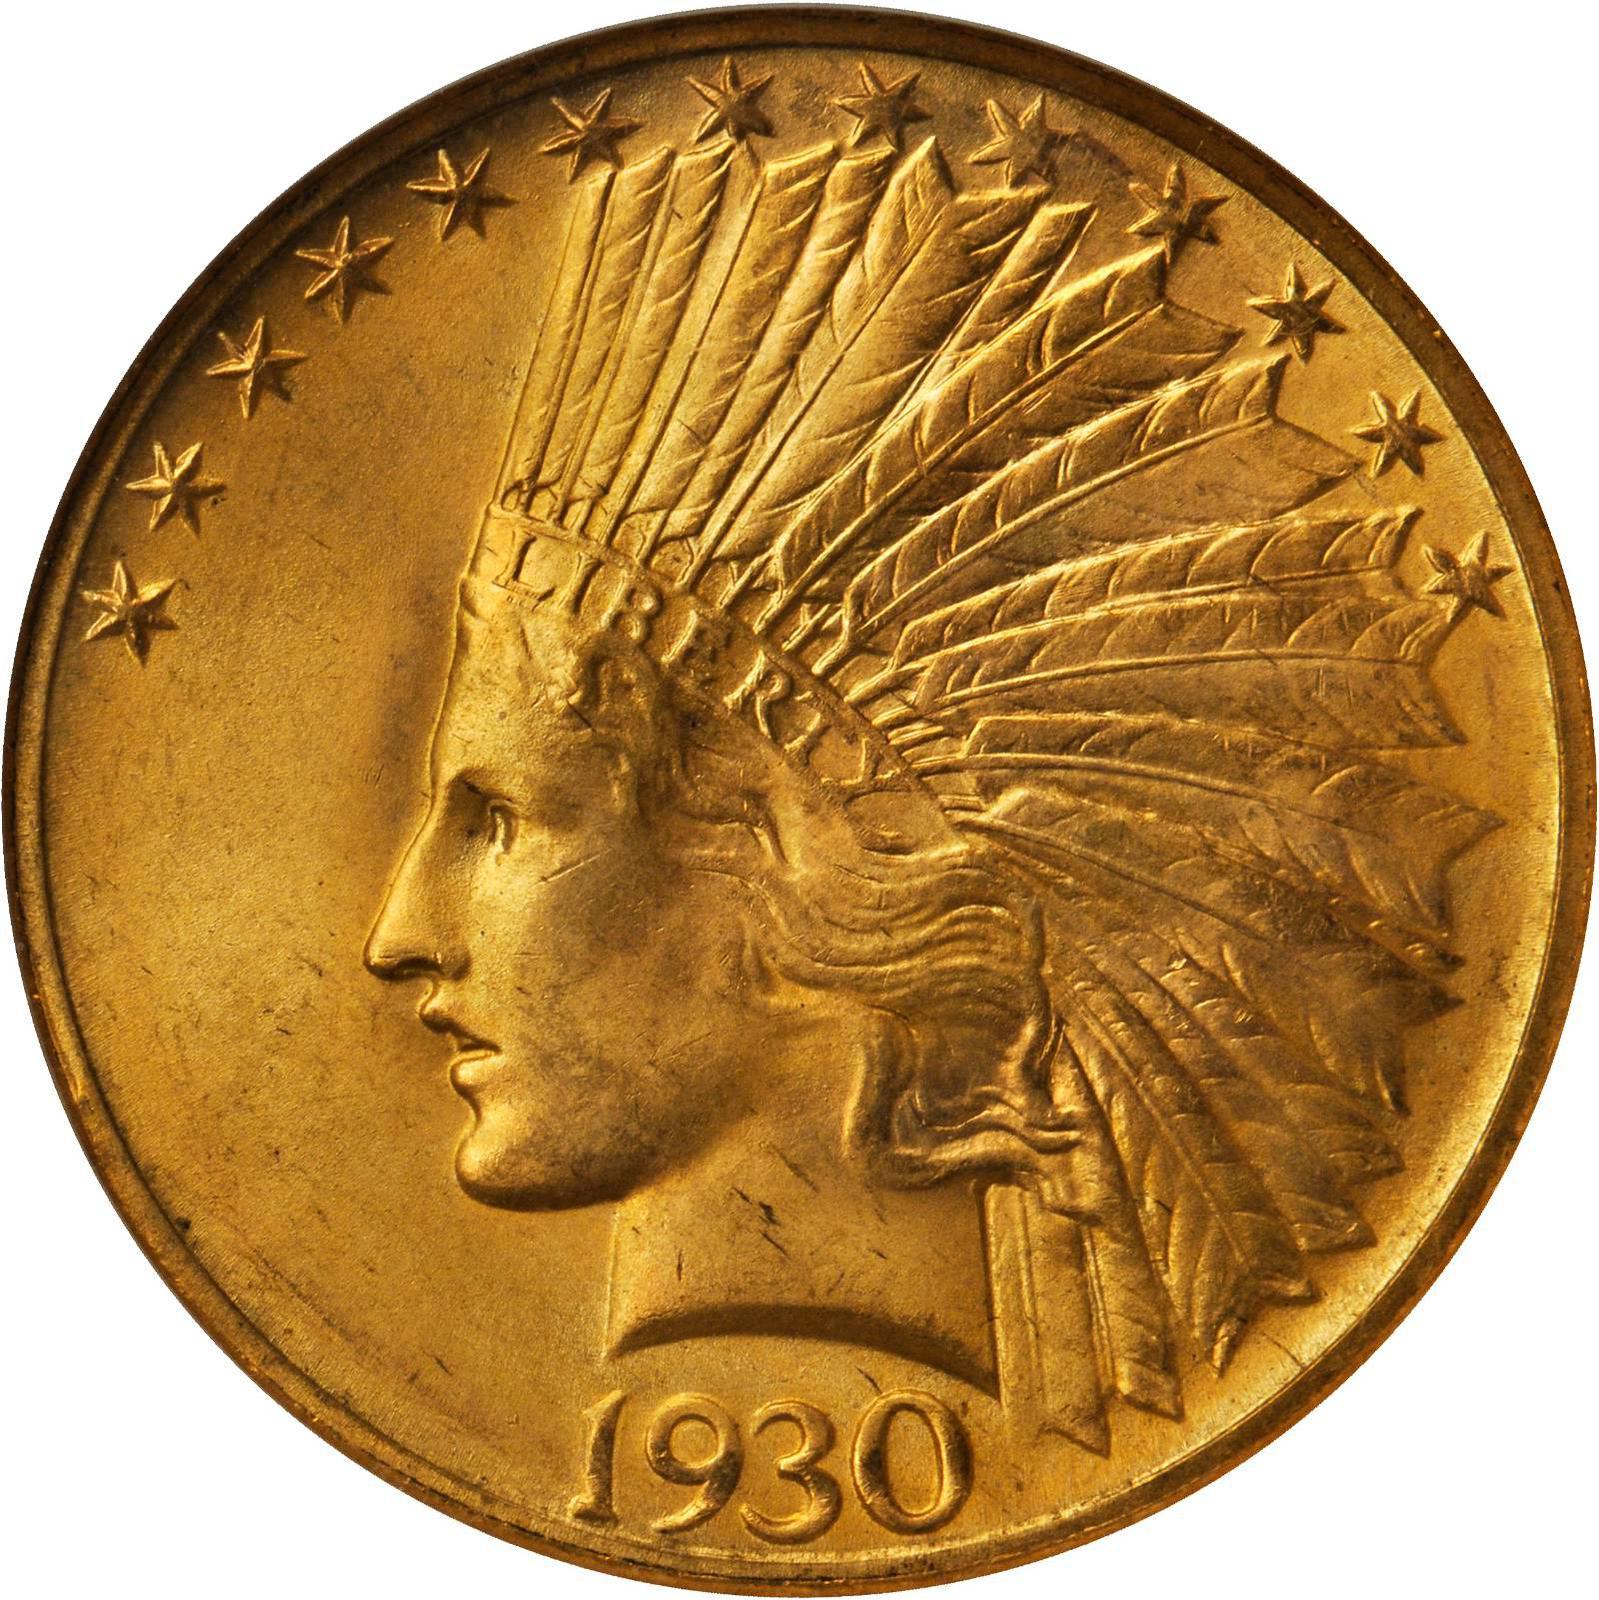 1930 20 dollar gold coin